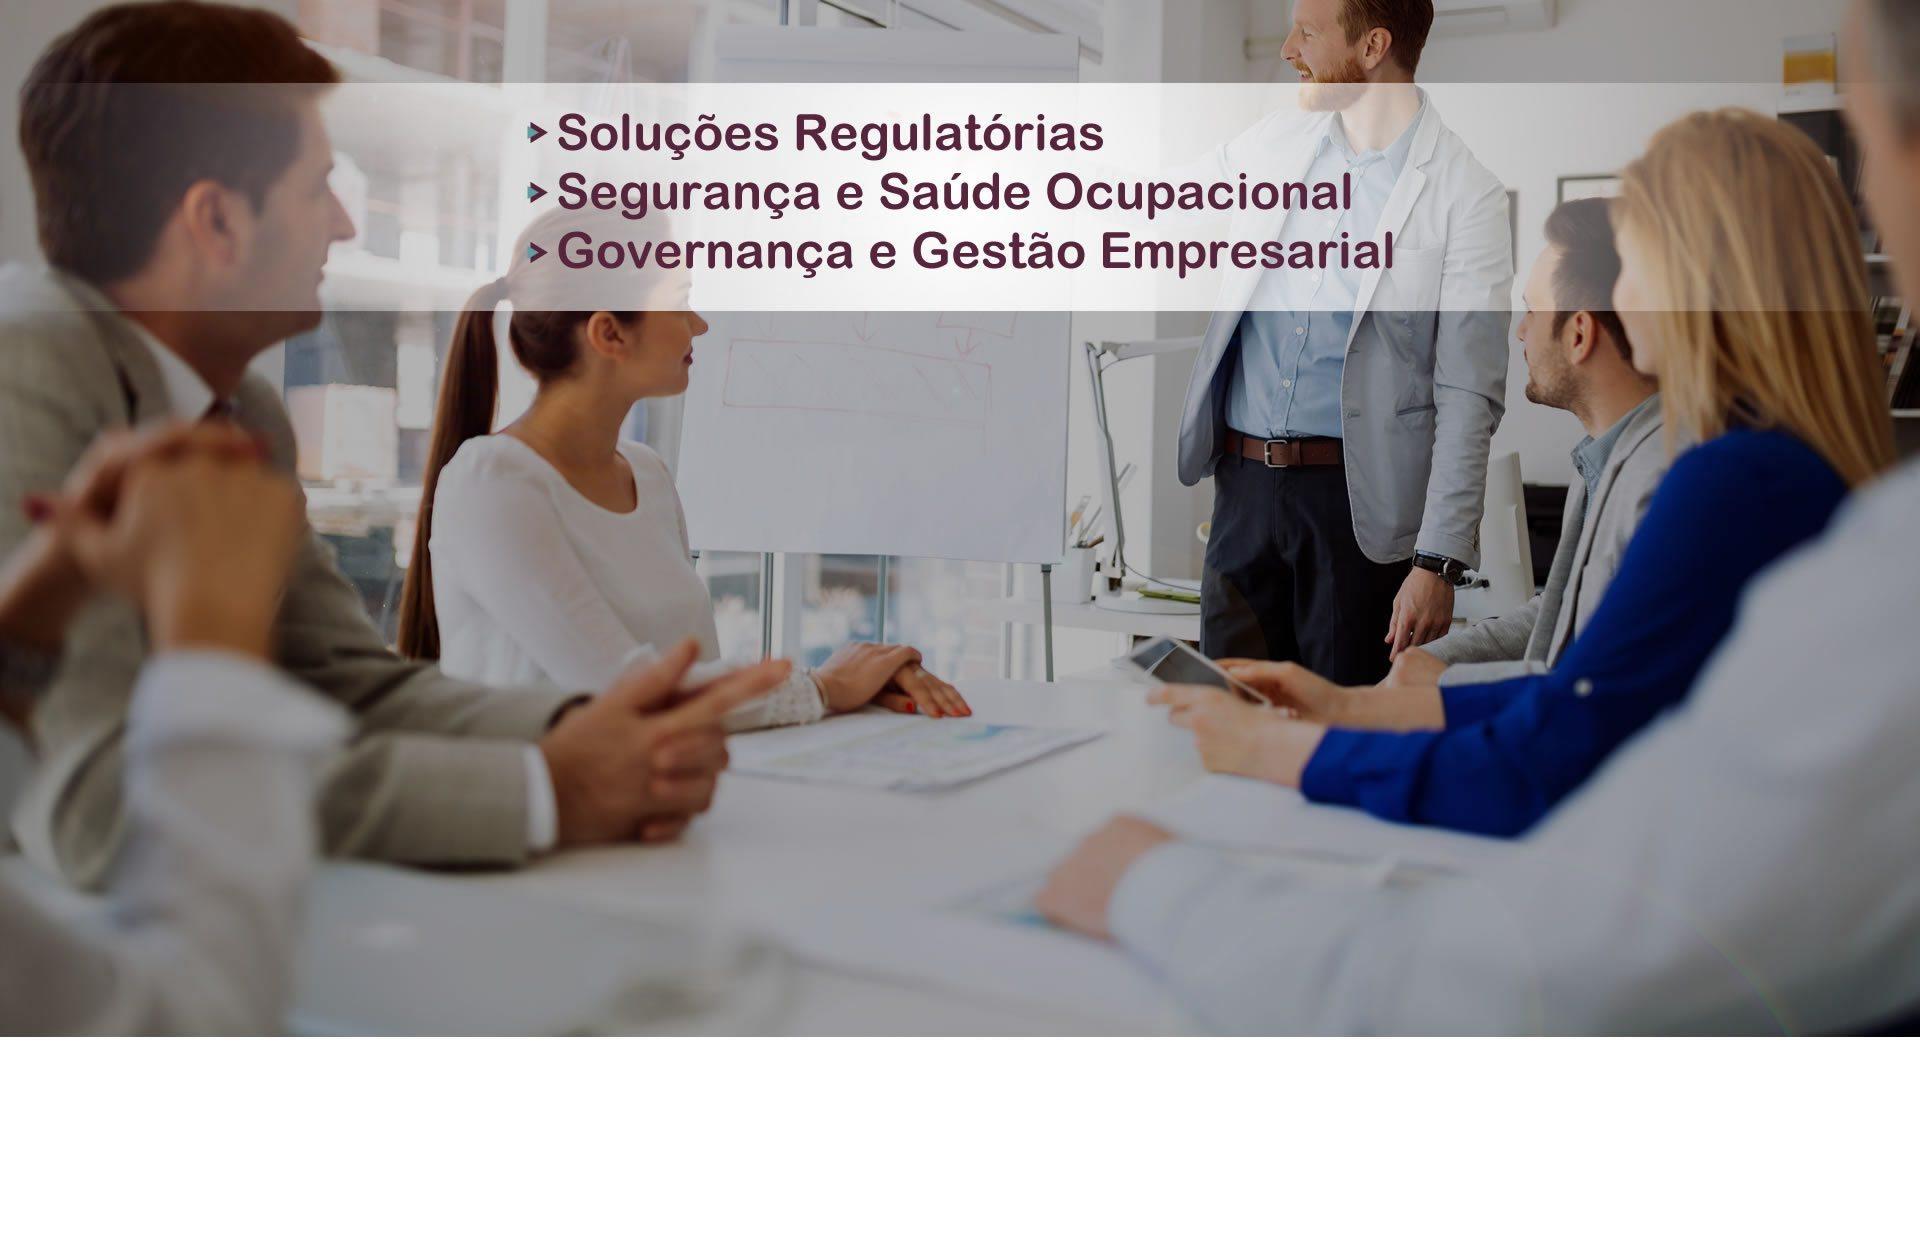 Governança e Gestão Empresarial em Vinhedo